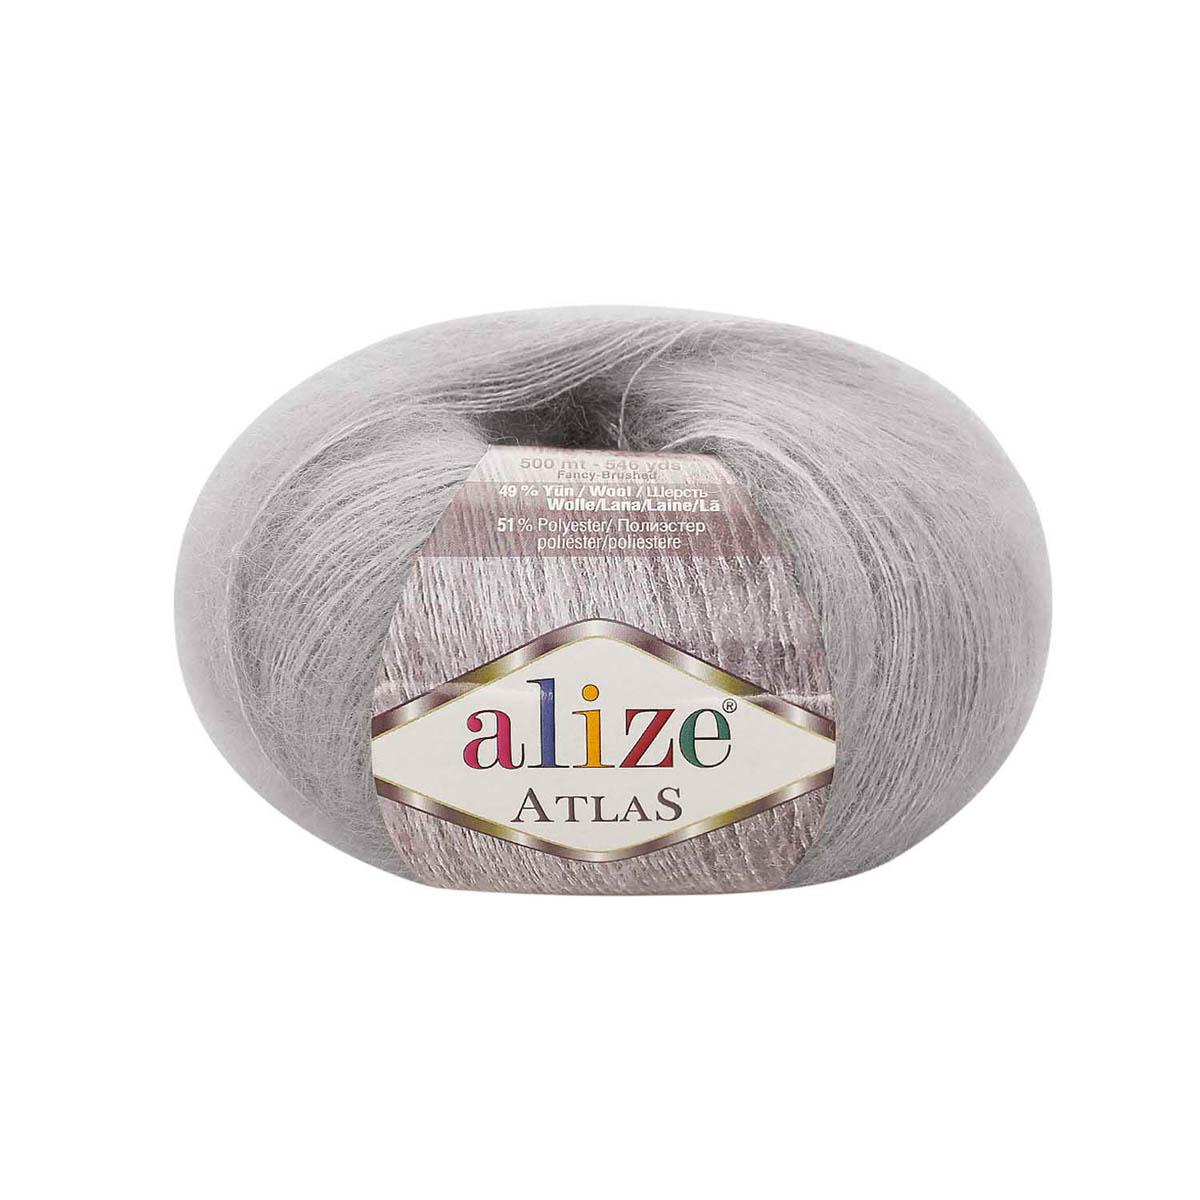 Пряжа Alize 'Atlas' 50гр. 250м. (49% шерсть, 51% полиэстер) (200 светло-серый) фото